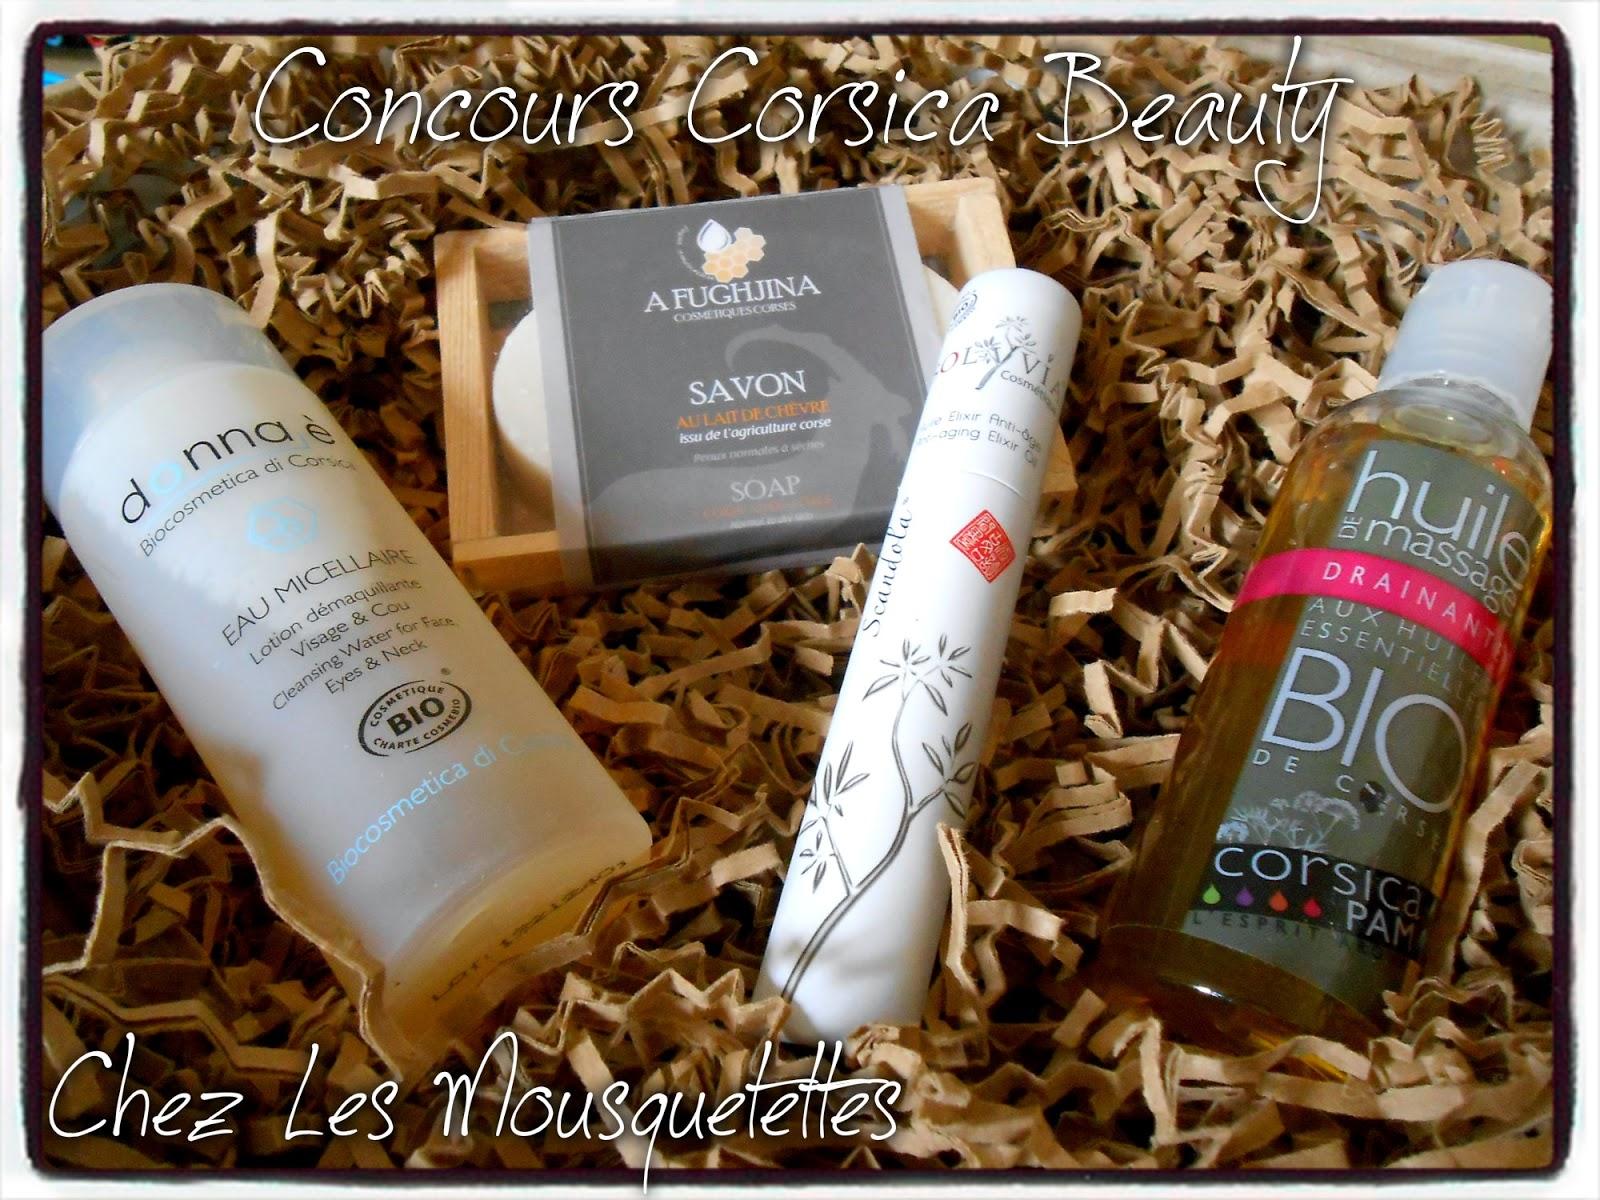 Concours Corsica Beauty - Les Mousquetettes©